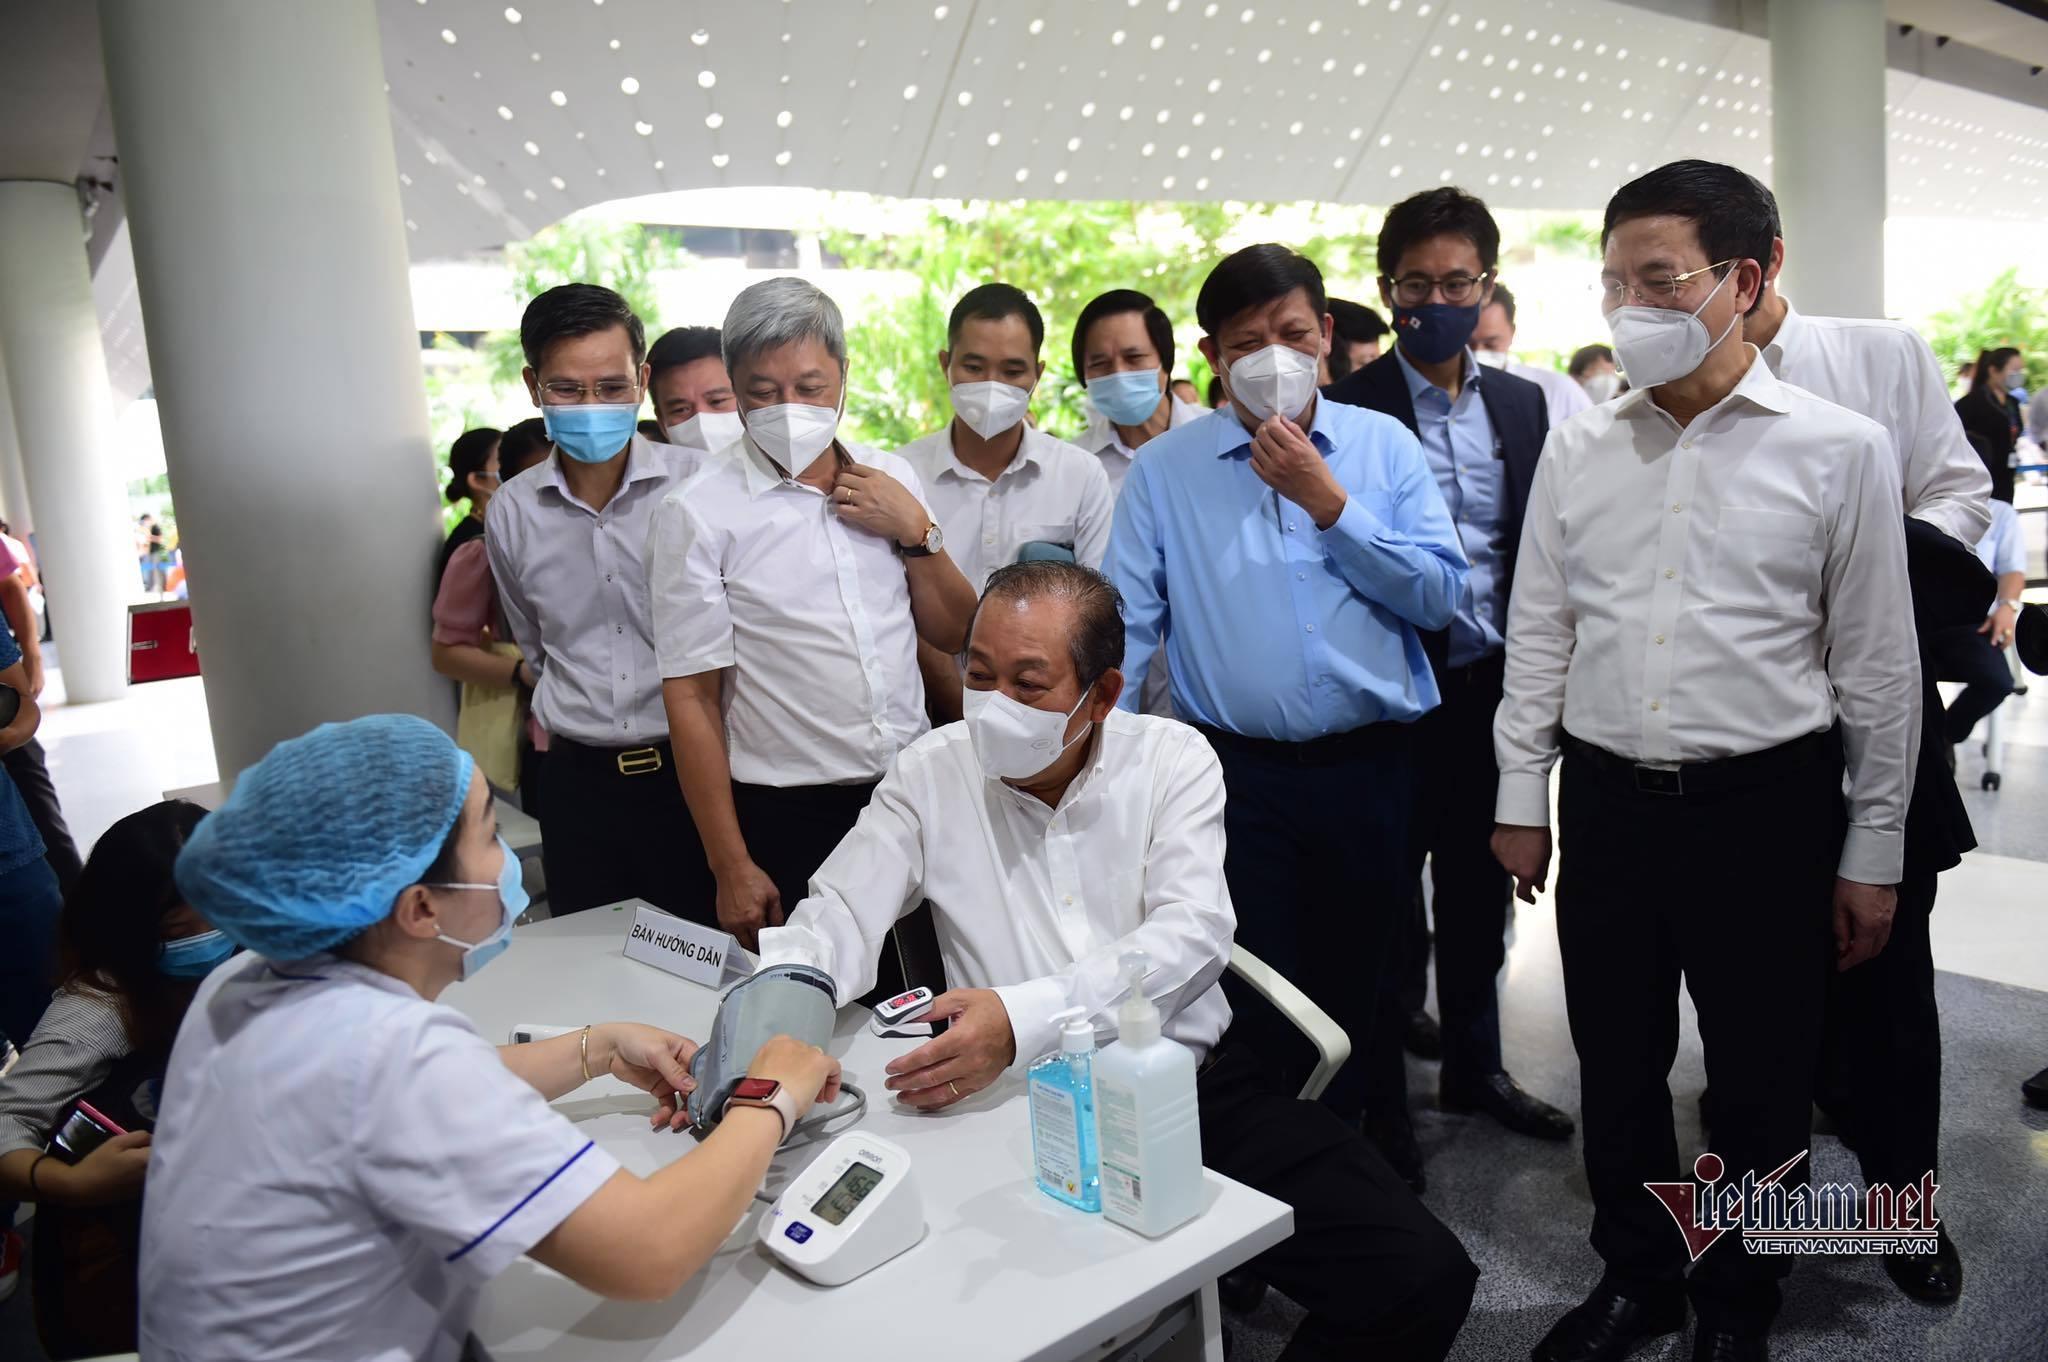 TP.HCM dự kiến mua từ 5-10 triệu liều vắc xin trong năm nay